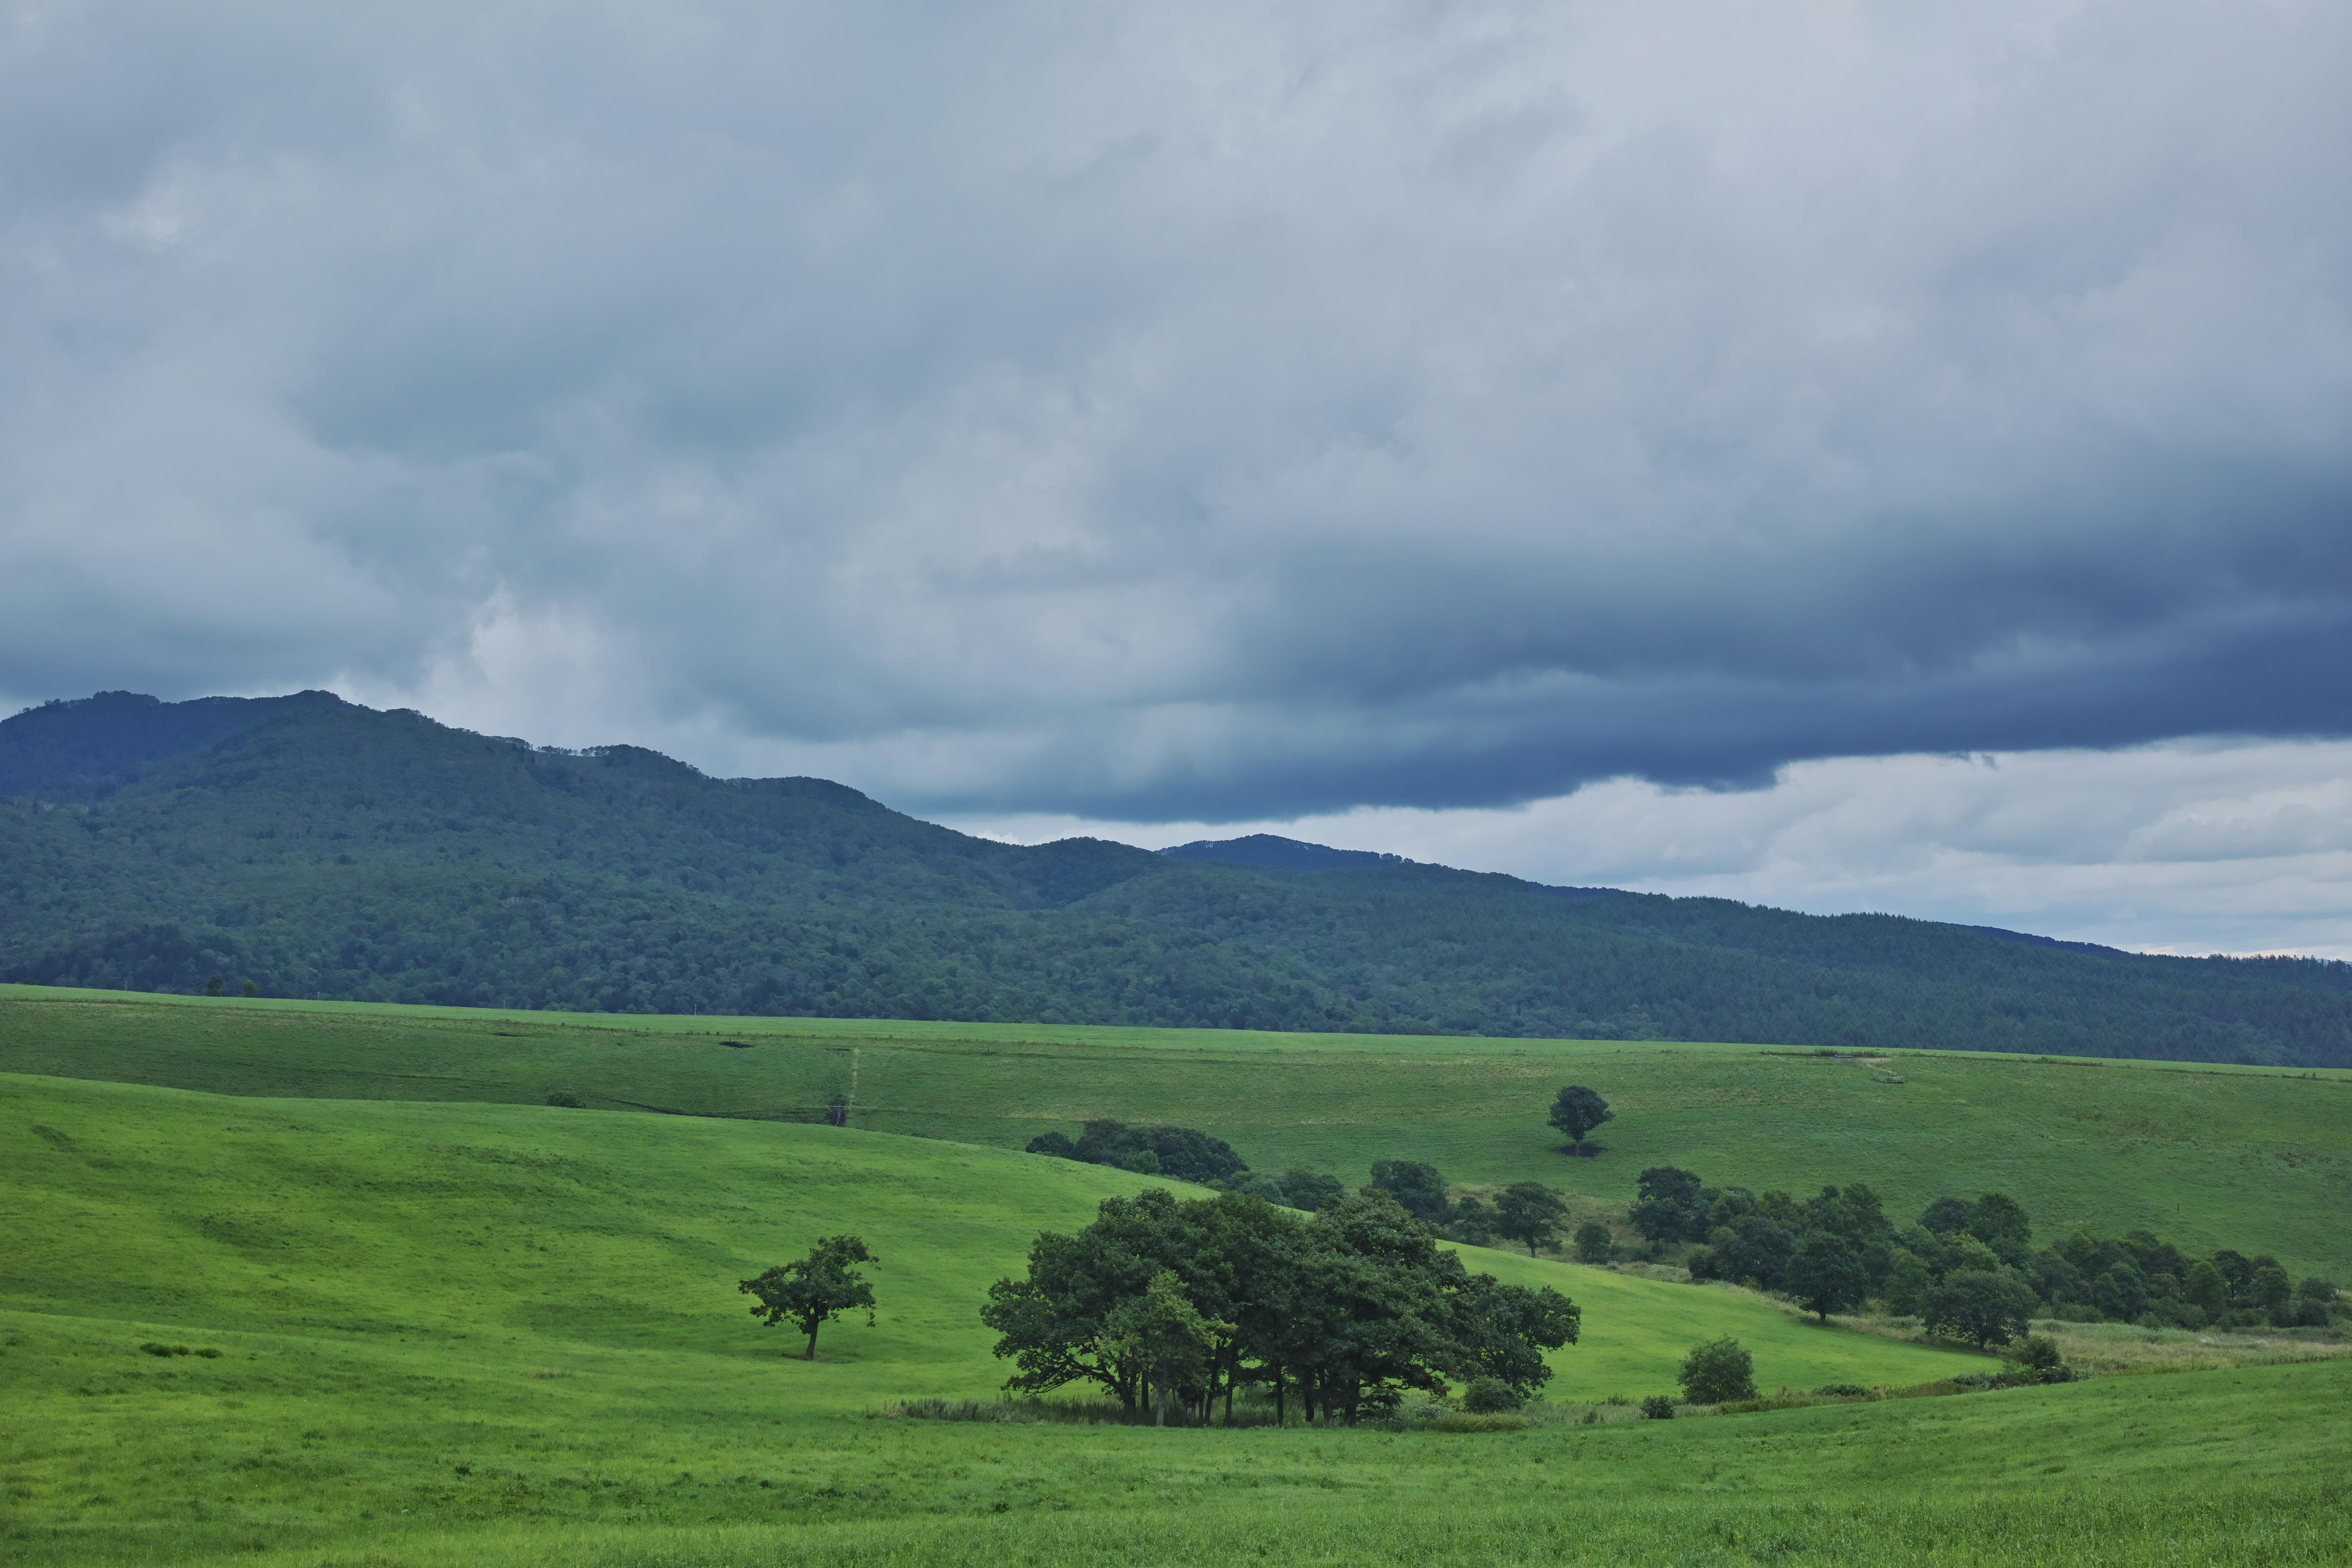 山々の中腹に広がる牧場。深い緑と雲のグラデーションが景色に厚みを持たせてくれる。ISO100 / F8 / 1/100秒